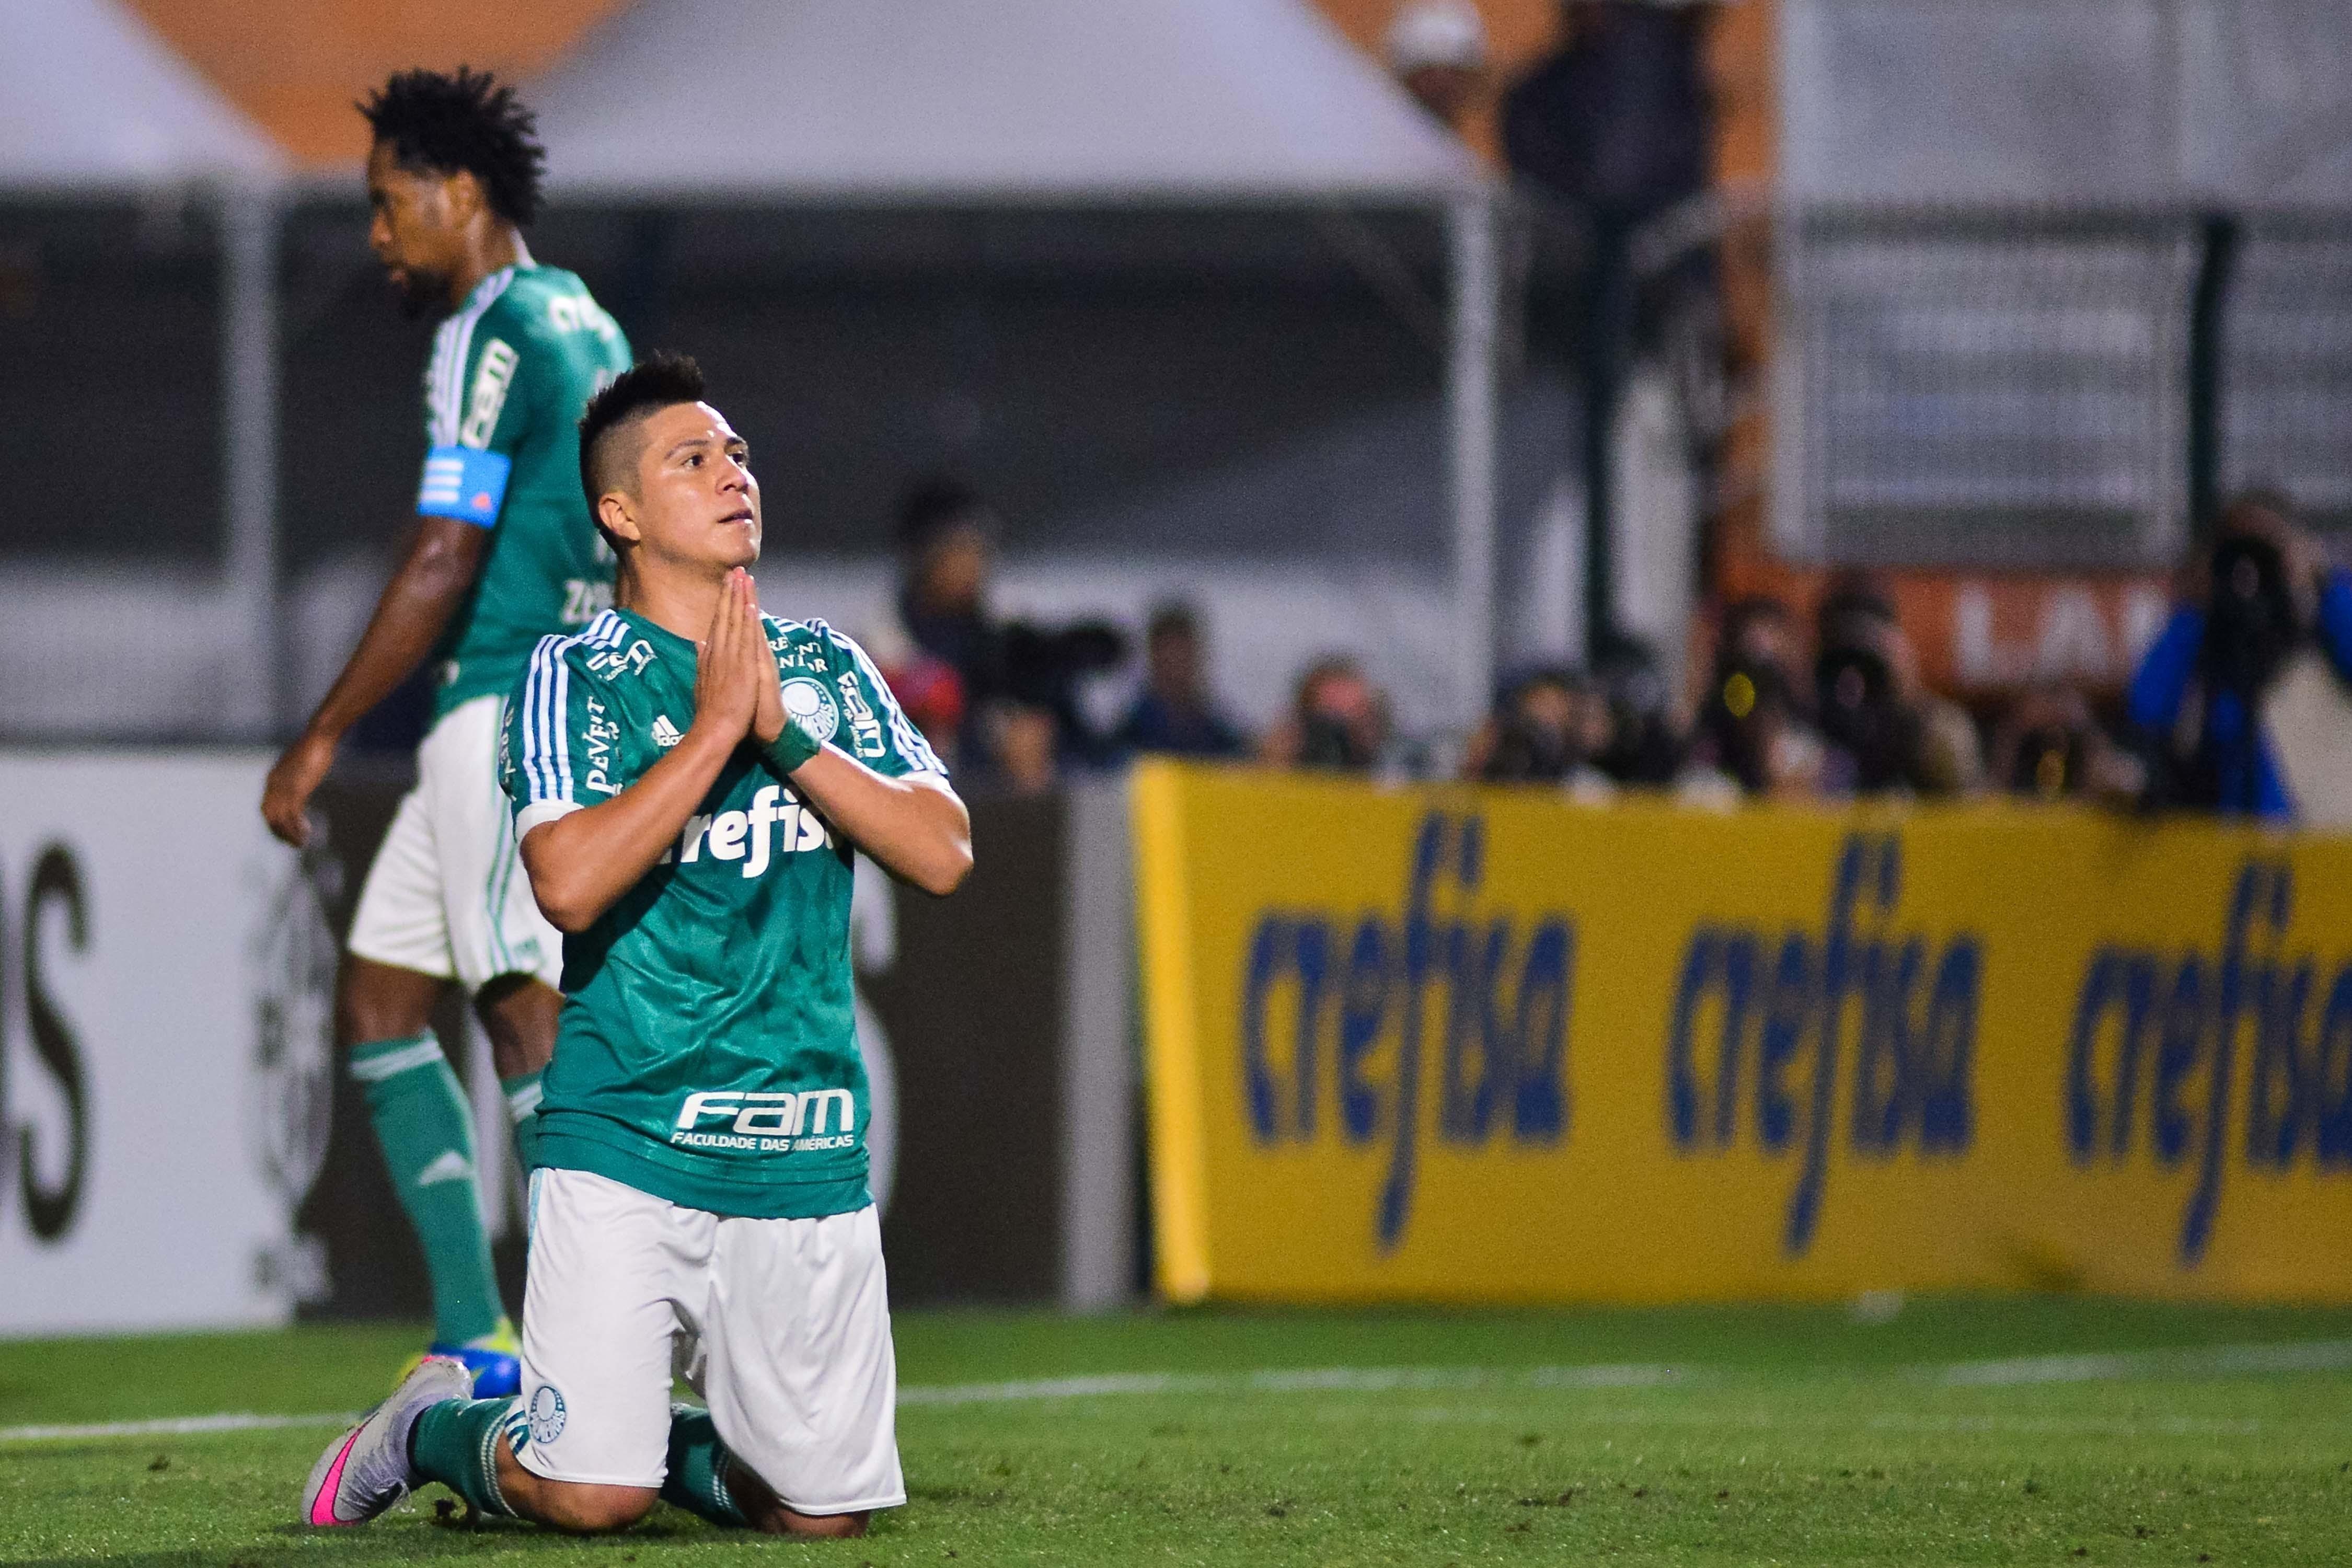 ... Palmeiras durante jogo entre Palmeiras x Sport, válido pela trigésima  segunda rodada do Campeonato Brasileiro 2015 e realizado no Estádio do  Pacaembu.